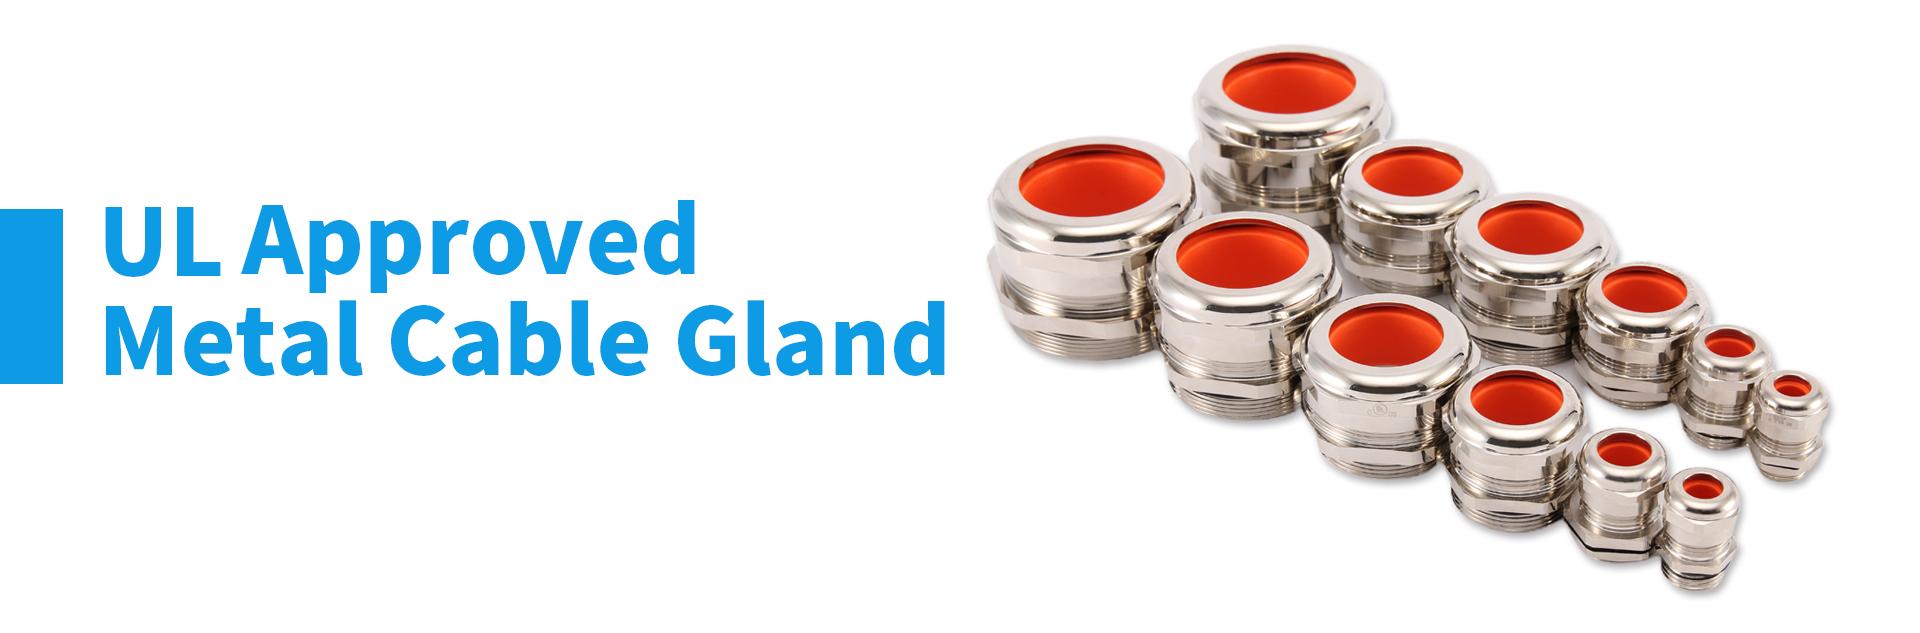 UL Metal Cable Gland